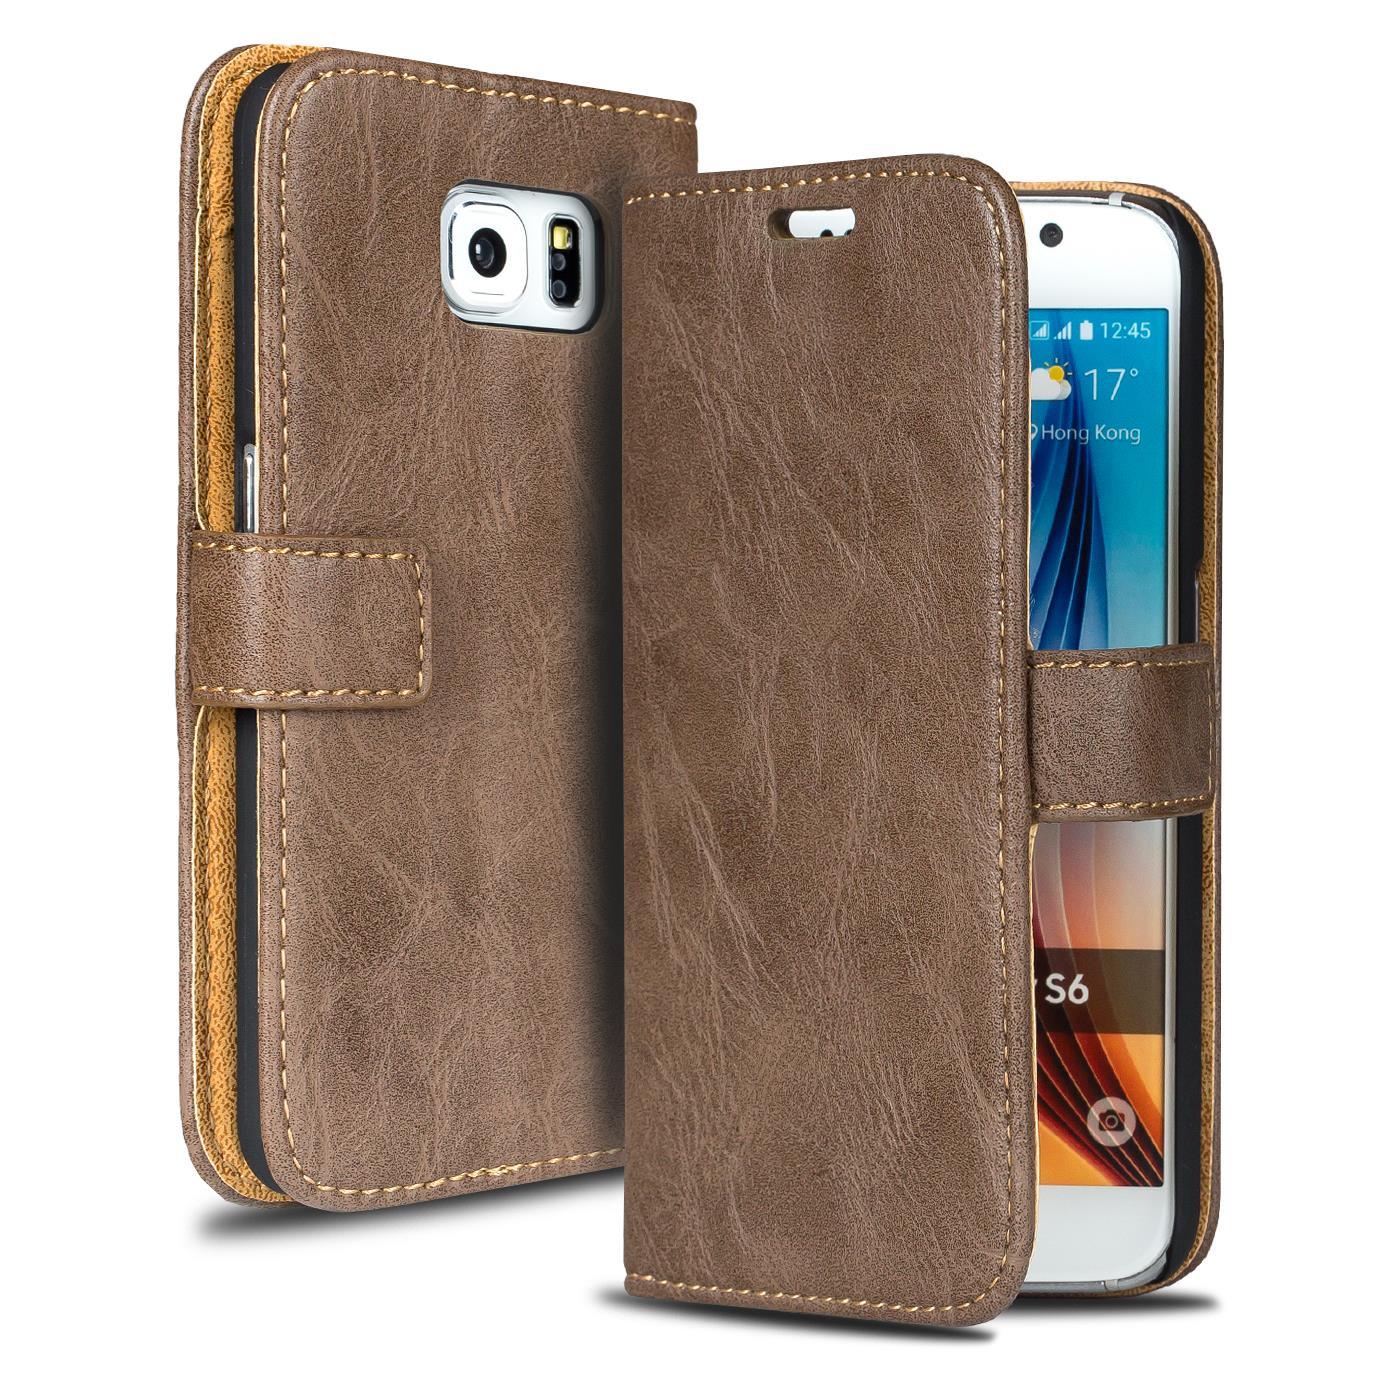 Handy-Tasche-fuer-Samsung-Galaxy-Premium-Flip-Cover-Case-Schutz-Huelle-Wallet-Etui